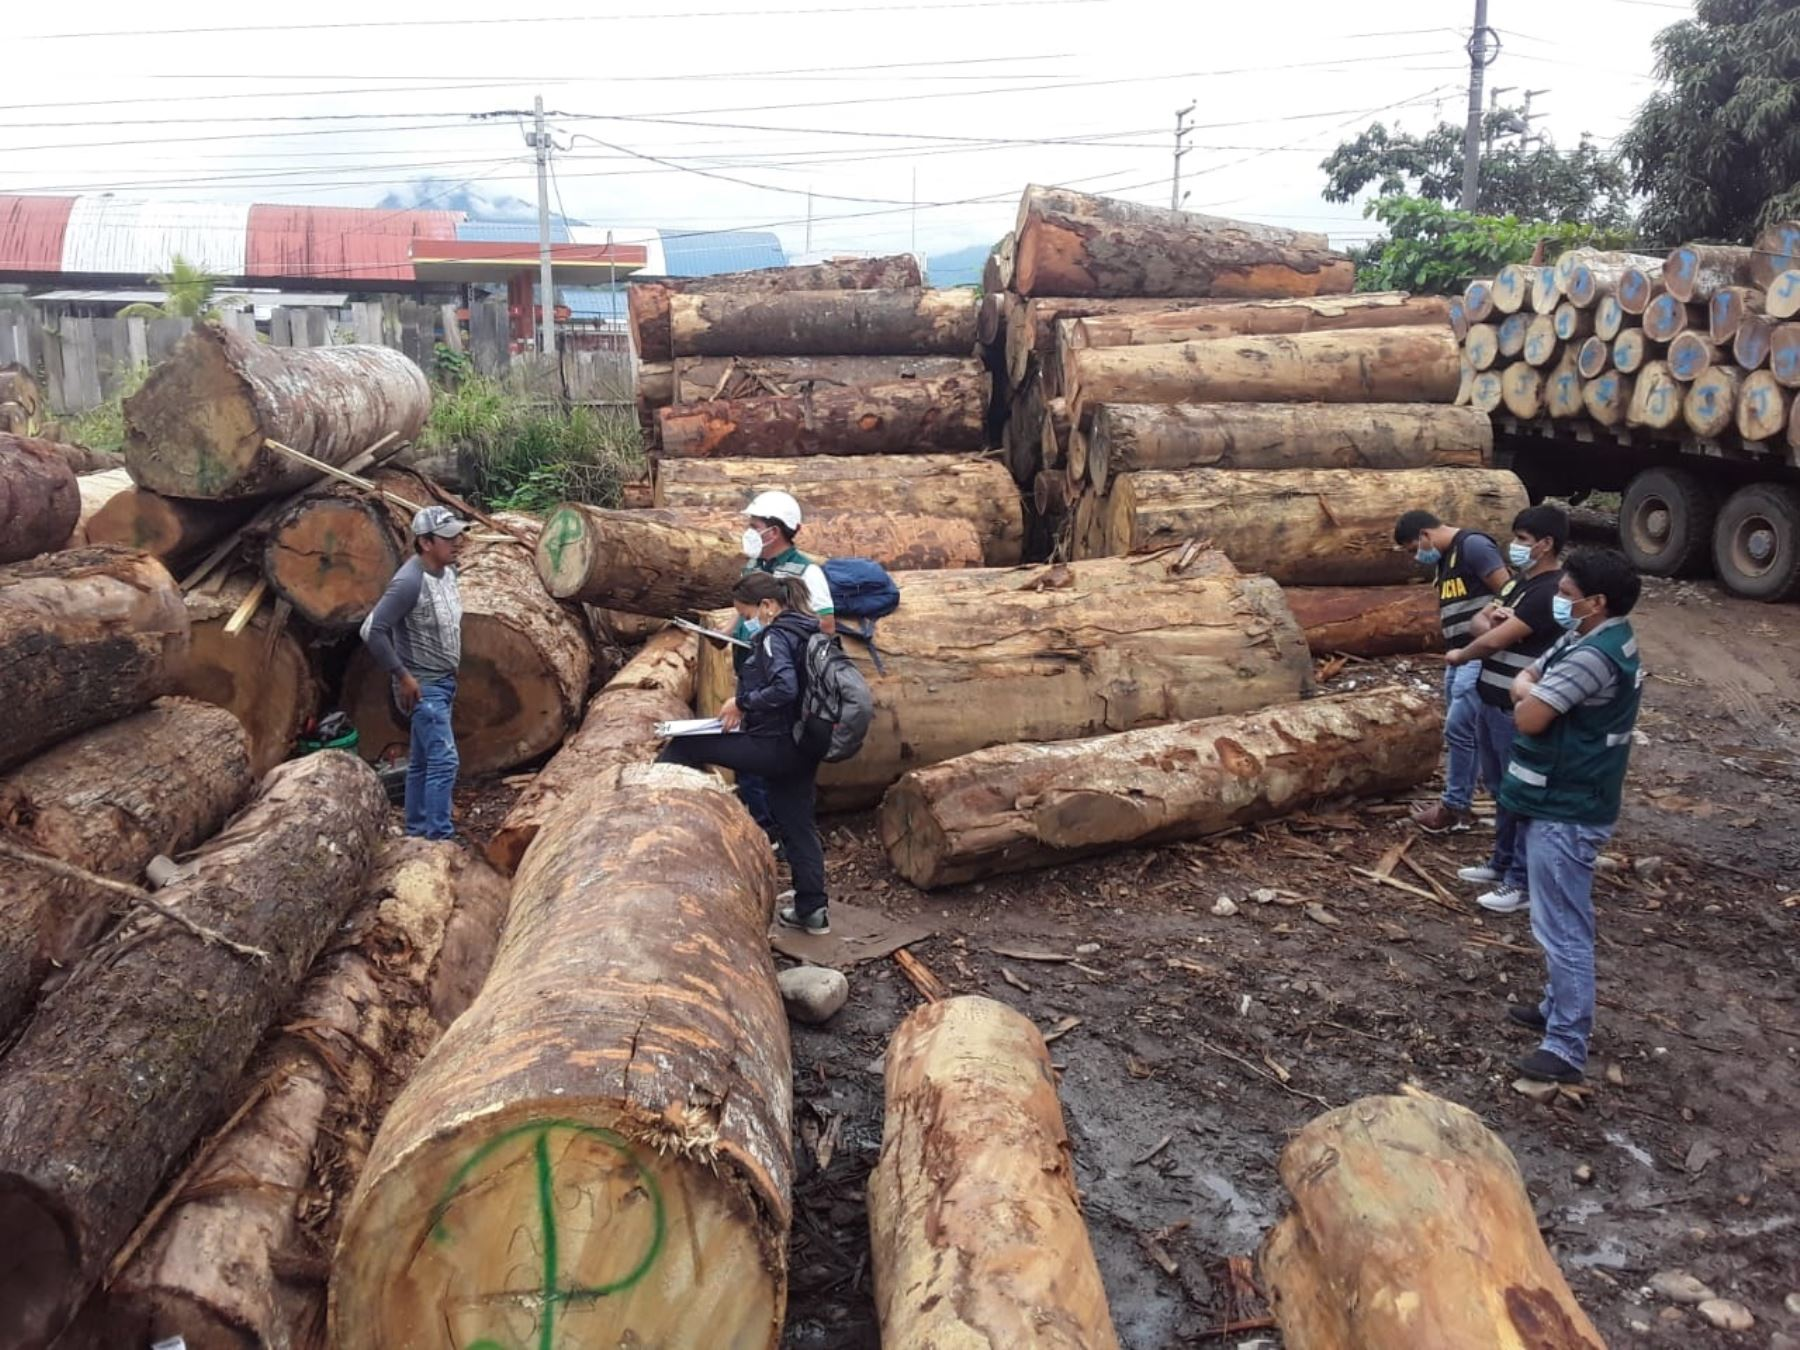 Autoridades incautaron en la provincia de Satipo, región Junín, madera de origen ilegal valorizada en más de S/ 39,000, informó el Serfor. ANDINA/Difusión